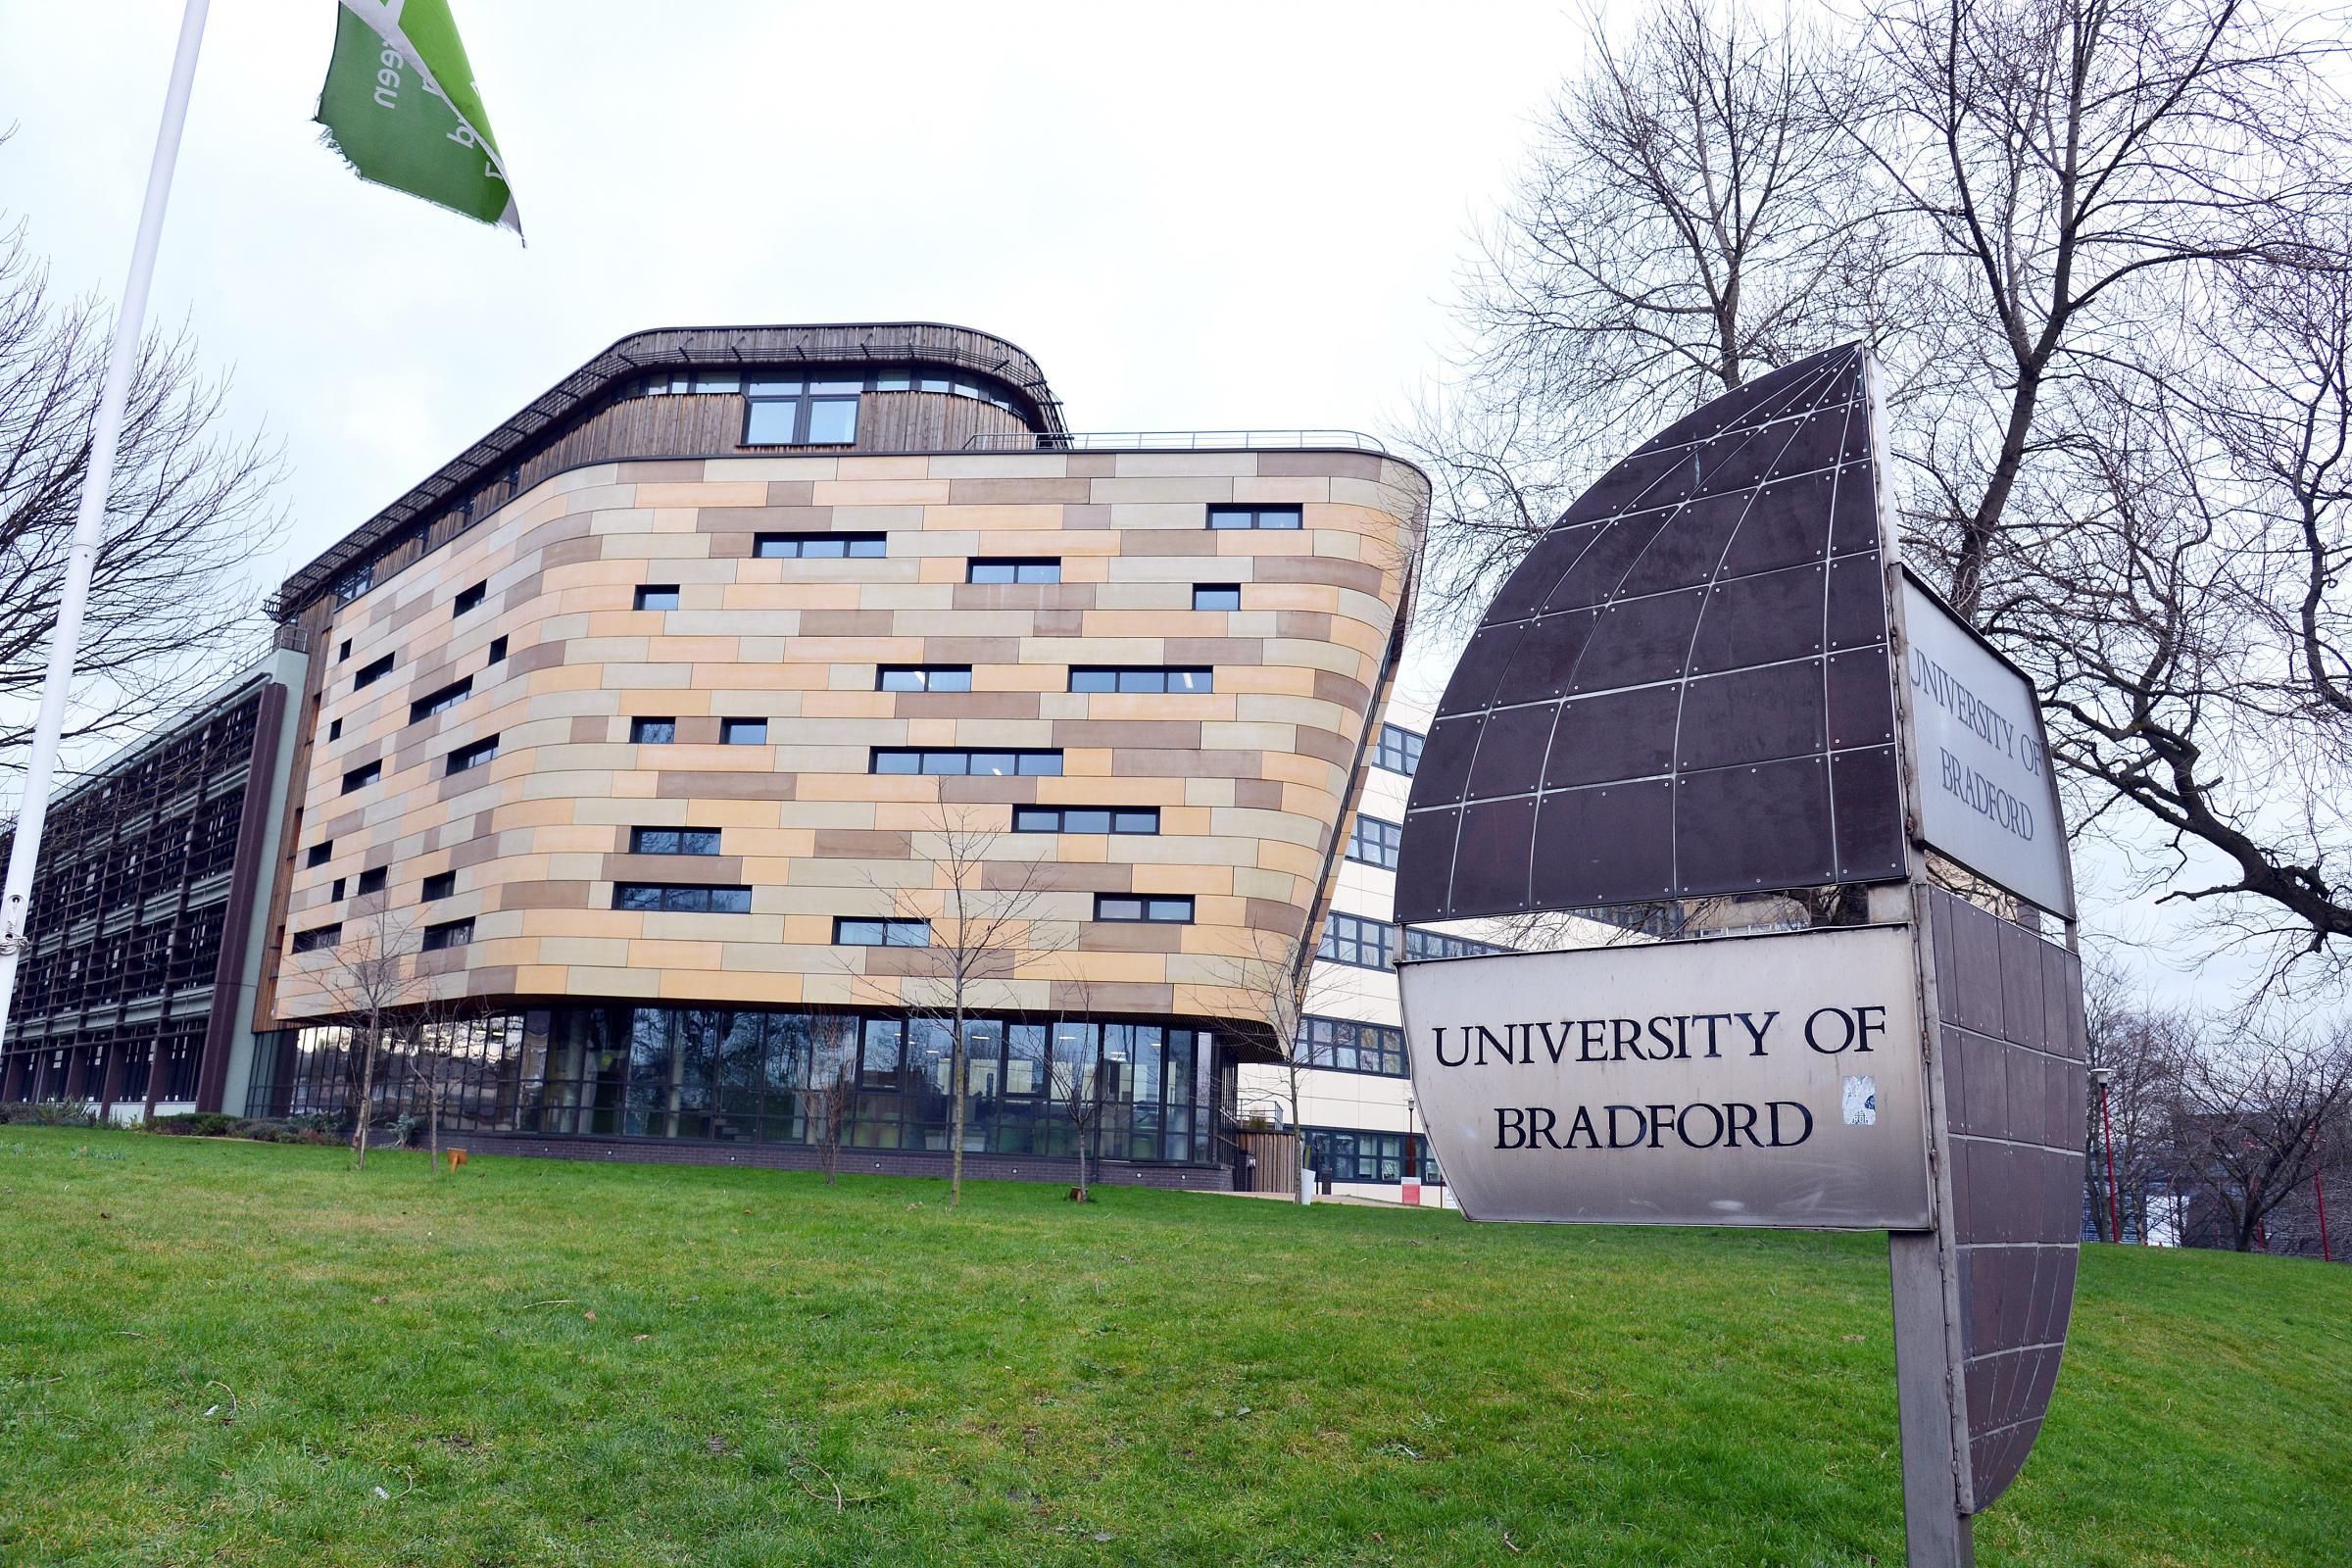 ผลการค้นหารูปภาพสำหรับ university of bradford